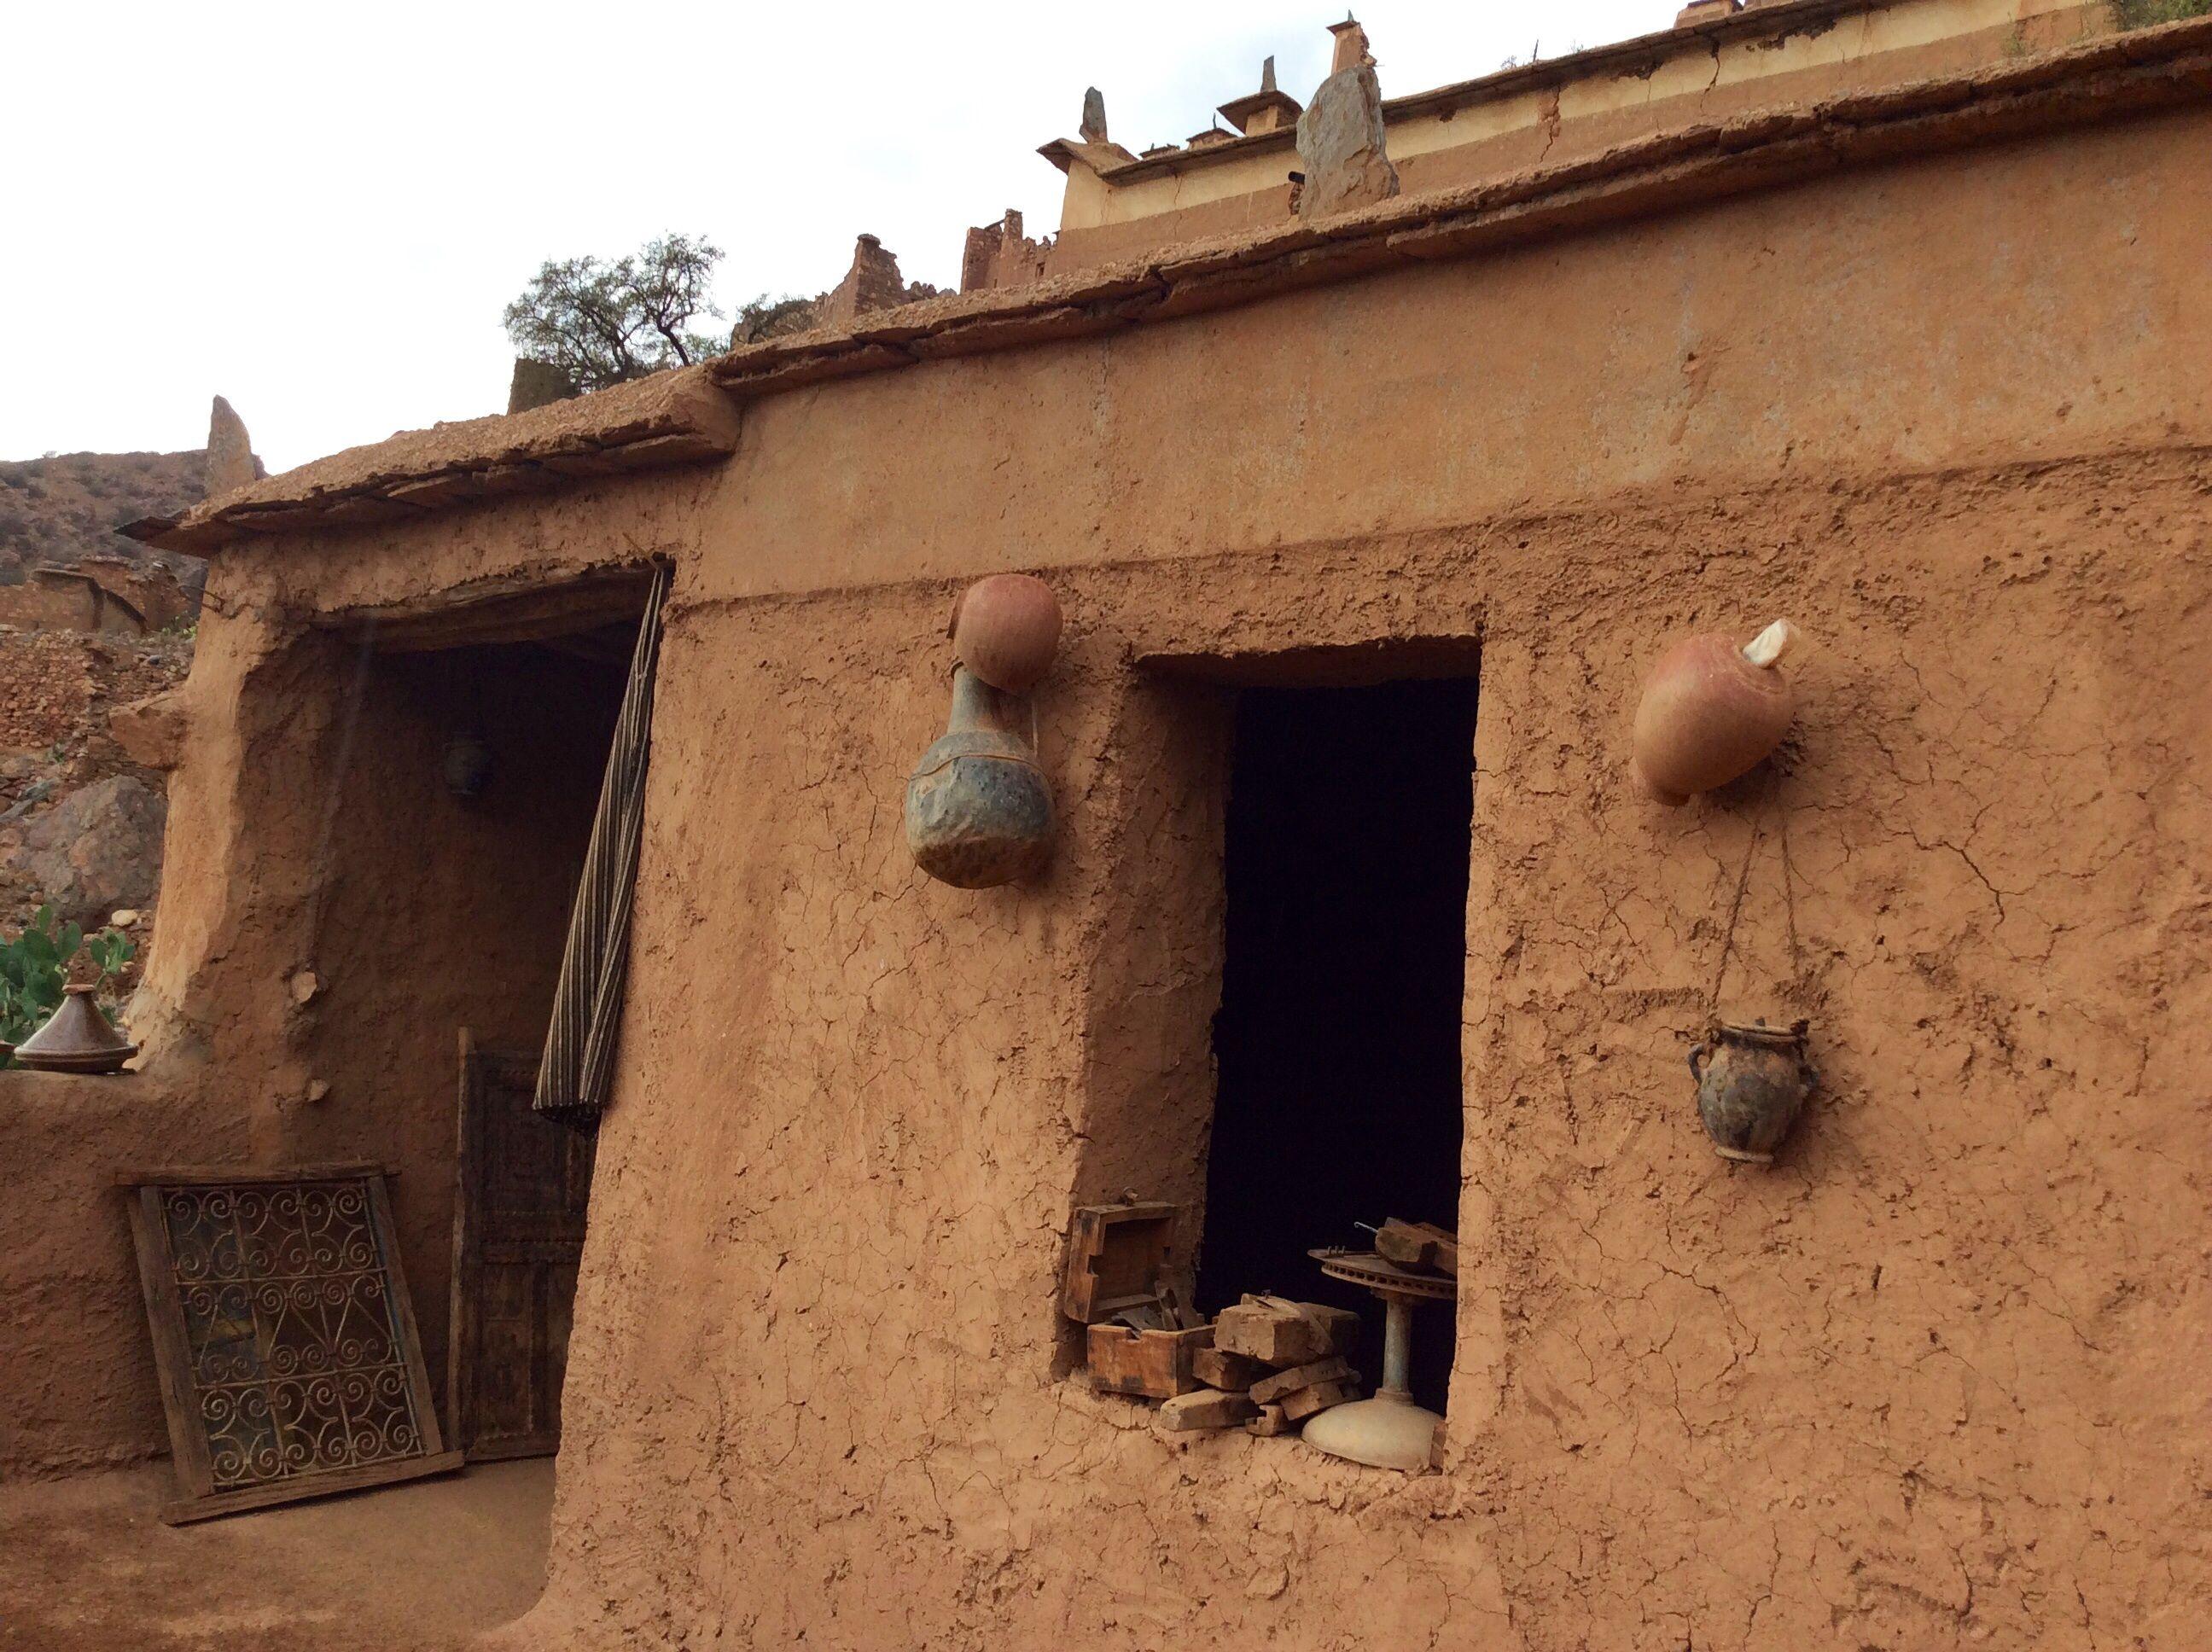 maison berb re traditionnelle oumesnat maroc photo monique debelle voyages pinterest. Black Bedroom Furniture Sets. Home Design Ideas